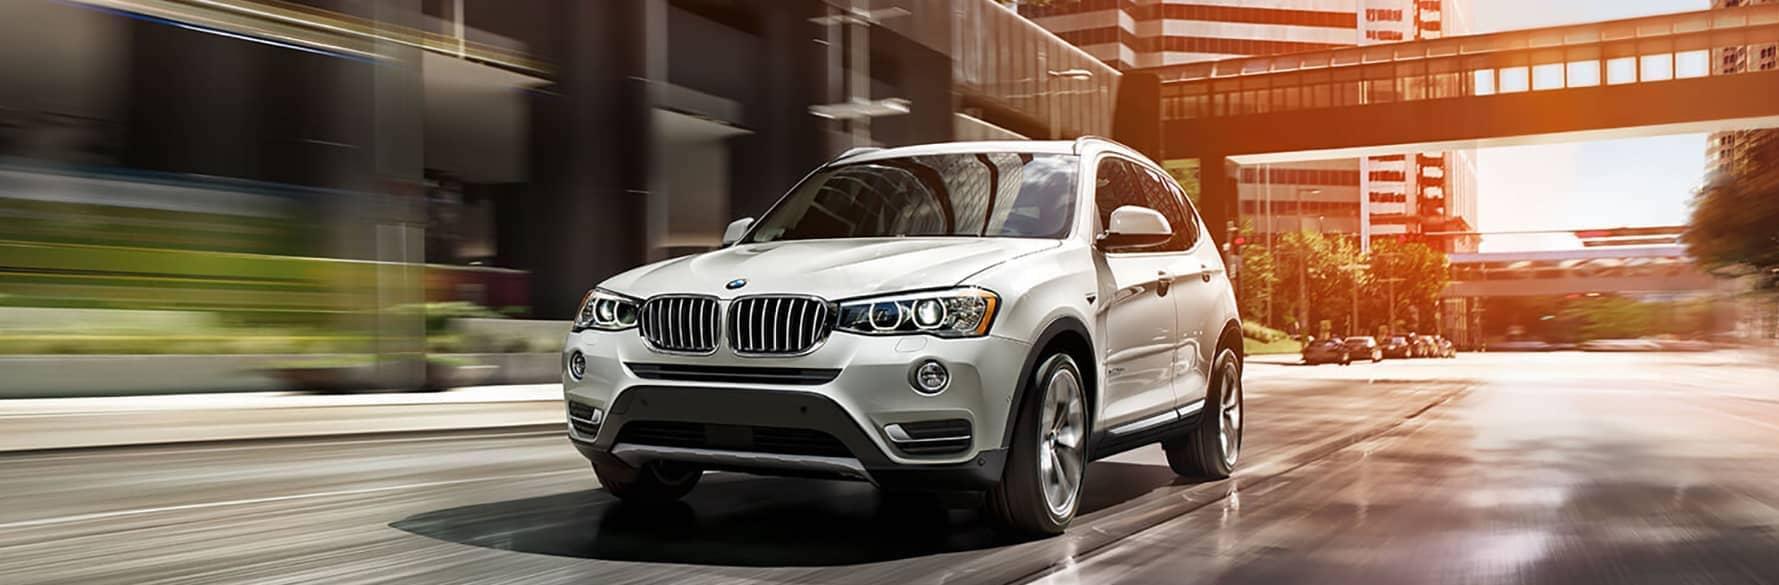 BMW Comparisons